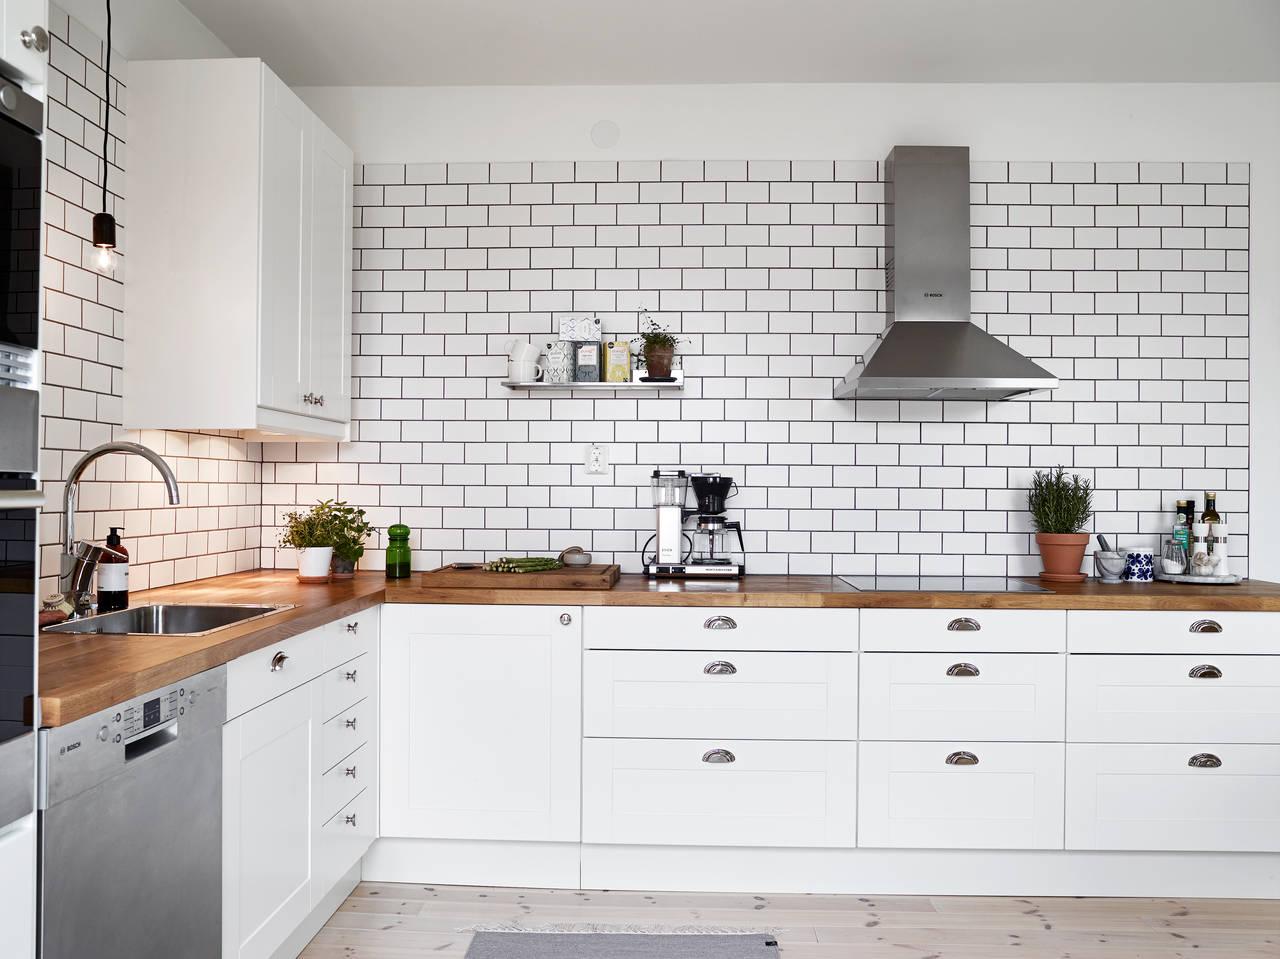 Кухонный фартук из керамической плитки белый серая затирка полезные советы варианты исполнения фото